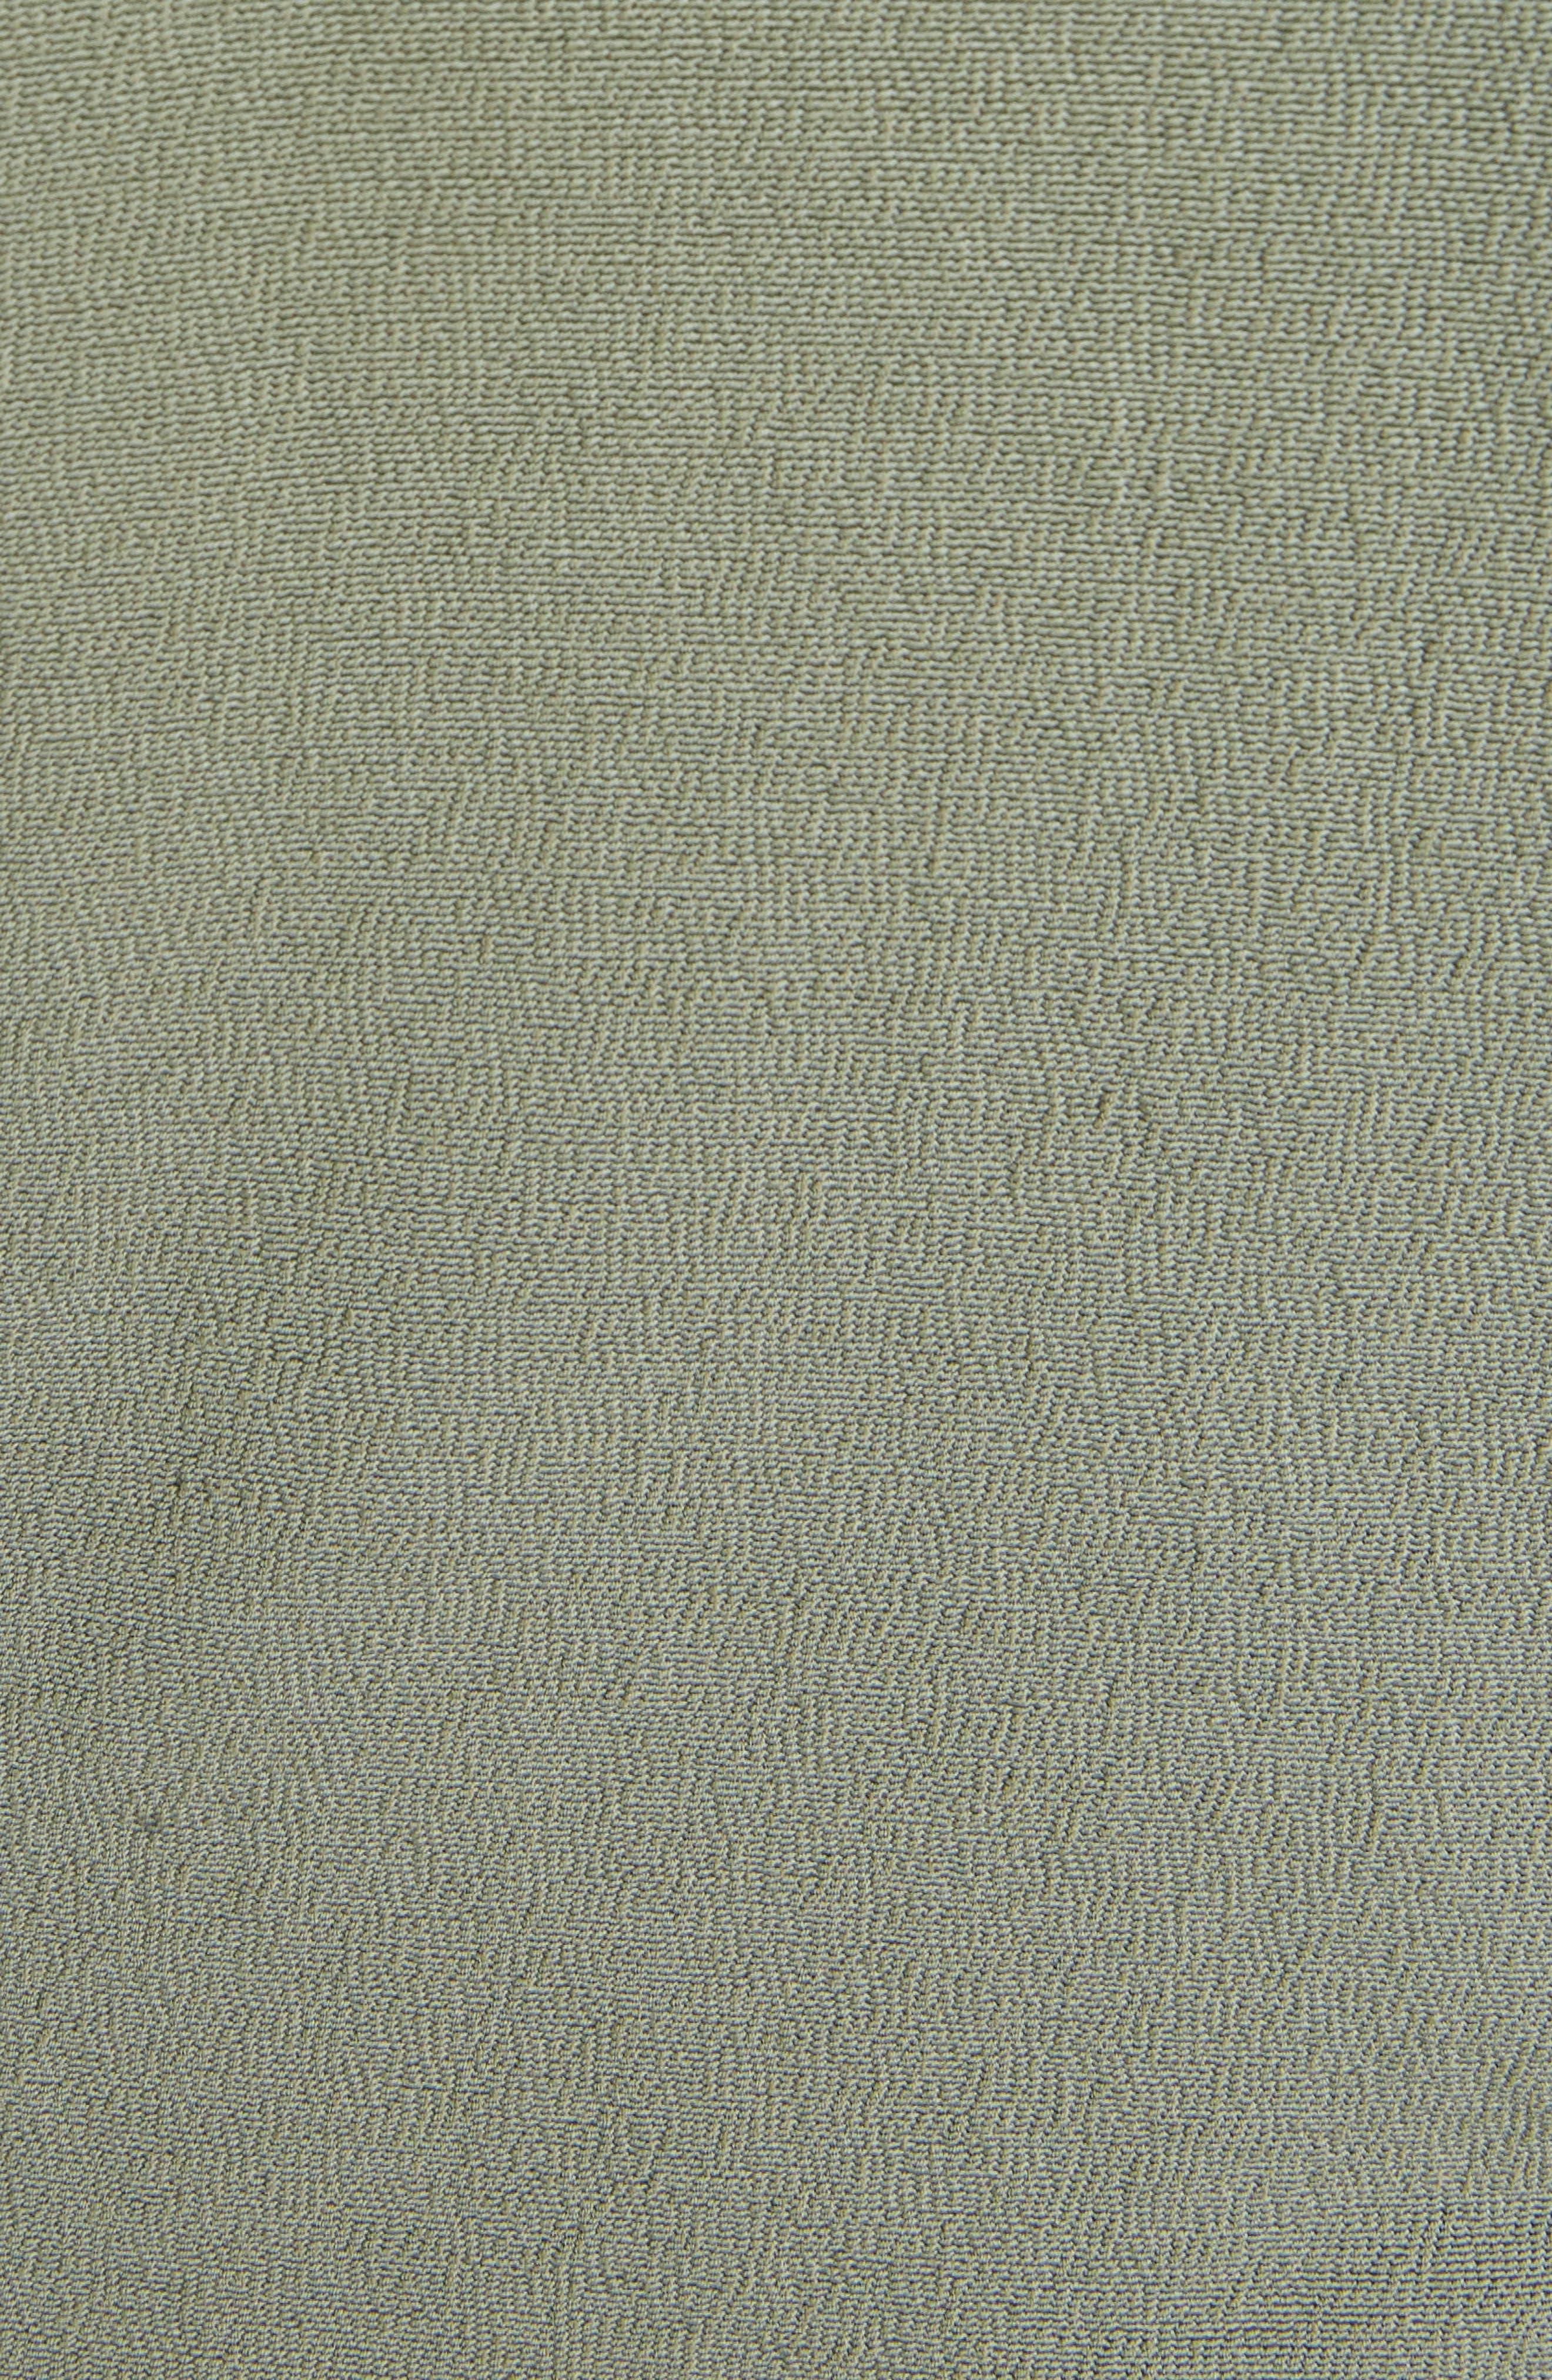 Cotton Blend Biker Jacket,                             Alternate thumbnail 5, color,                             300